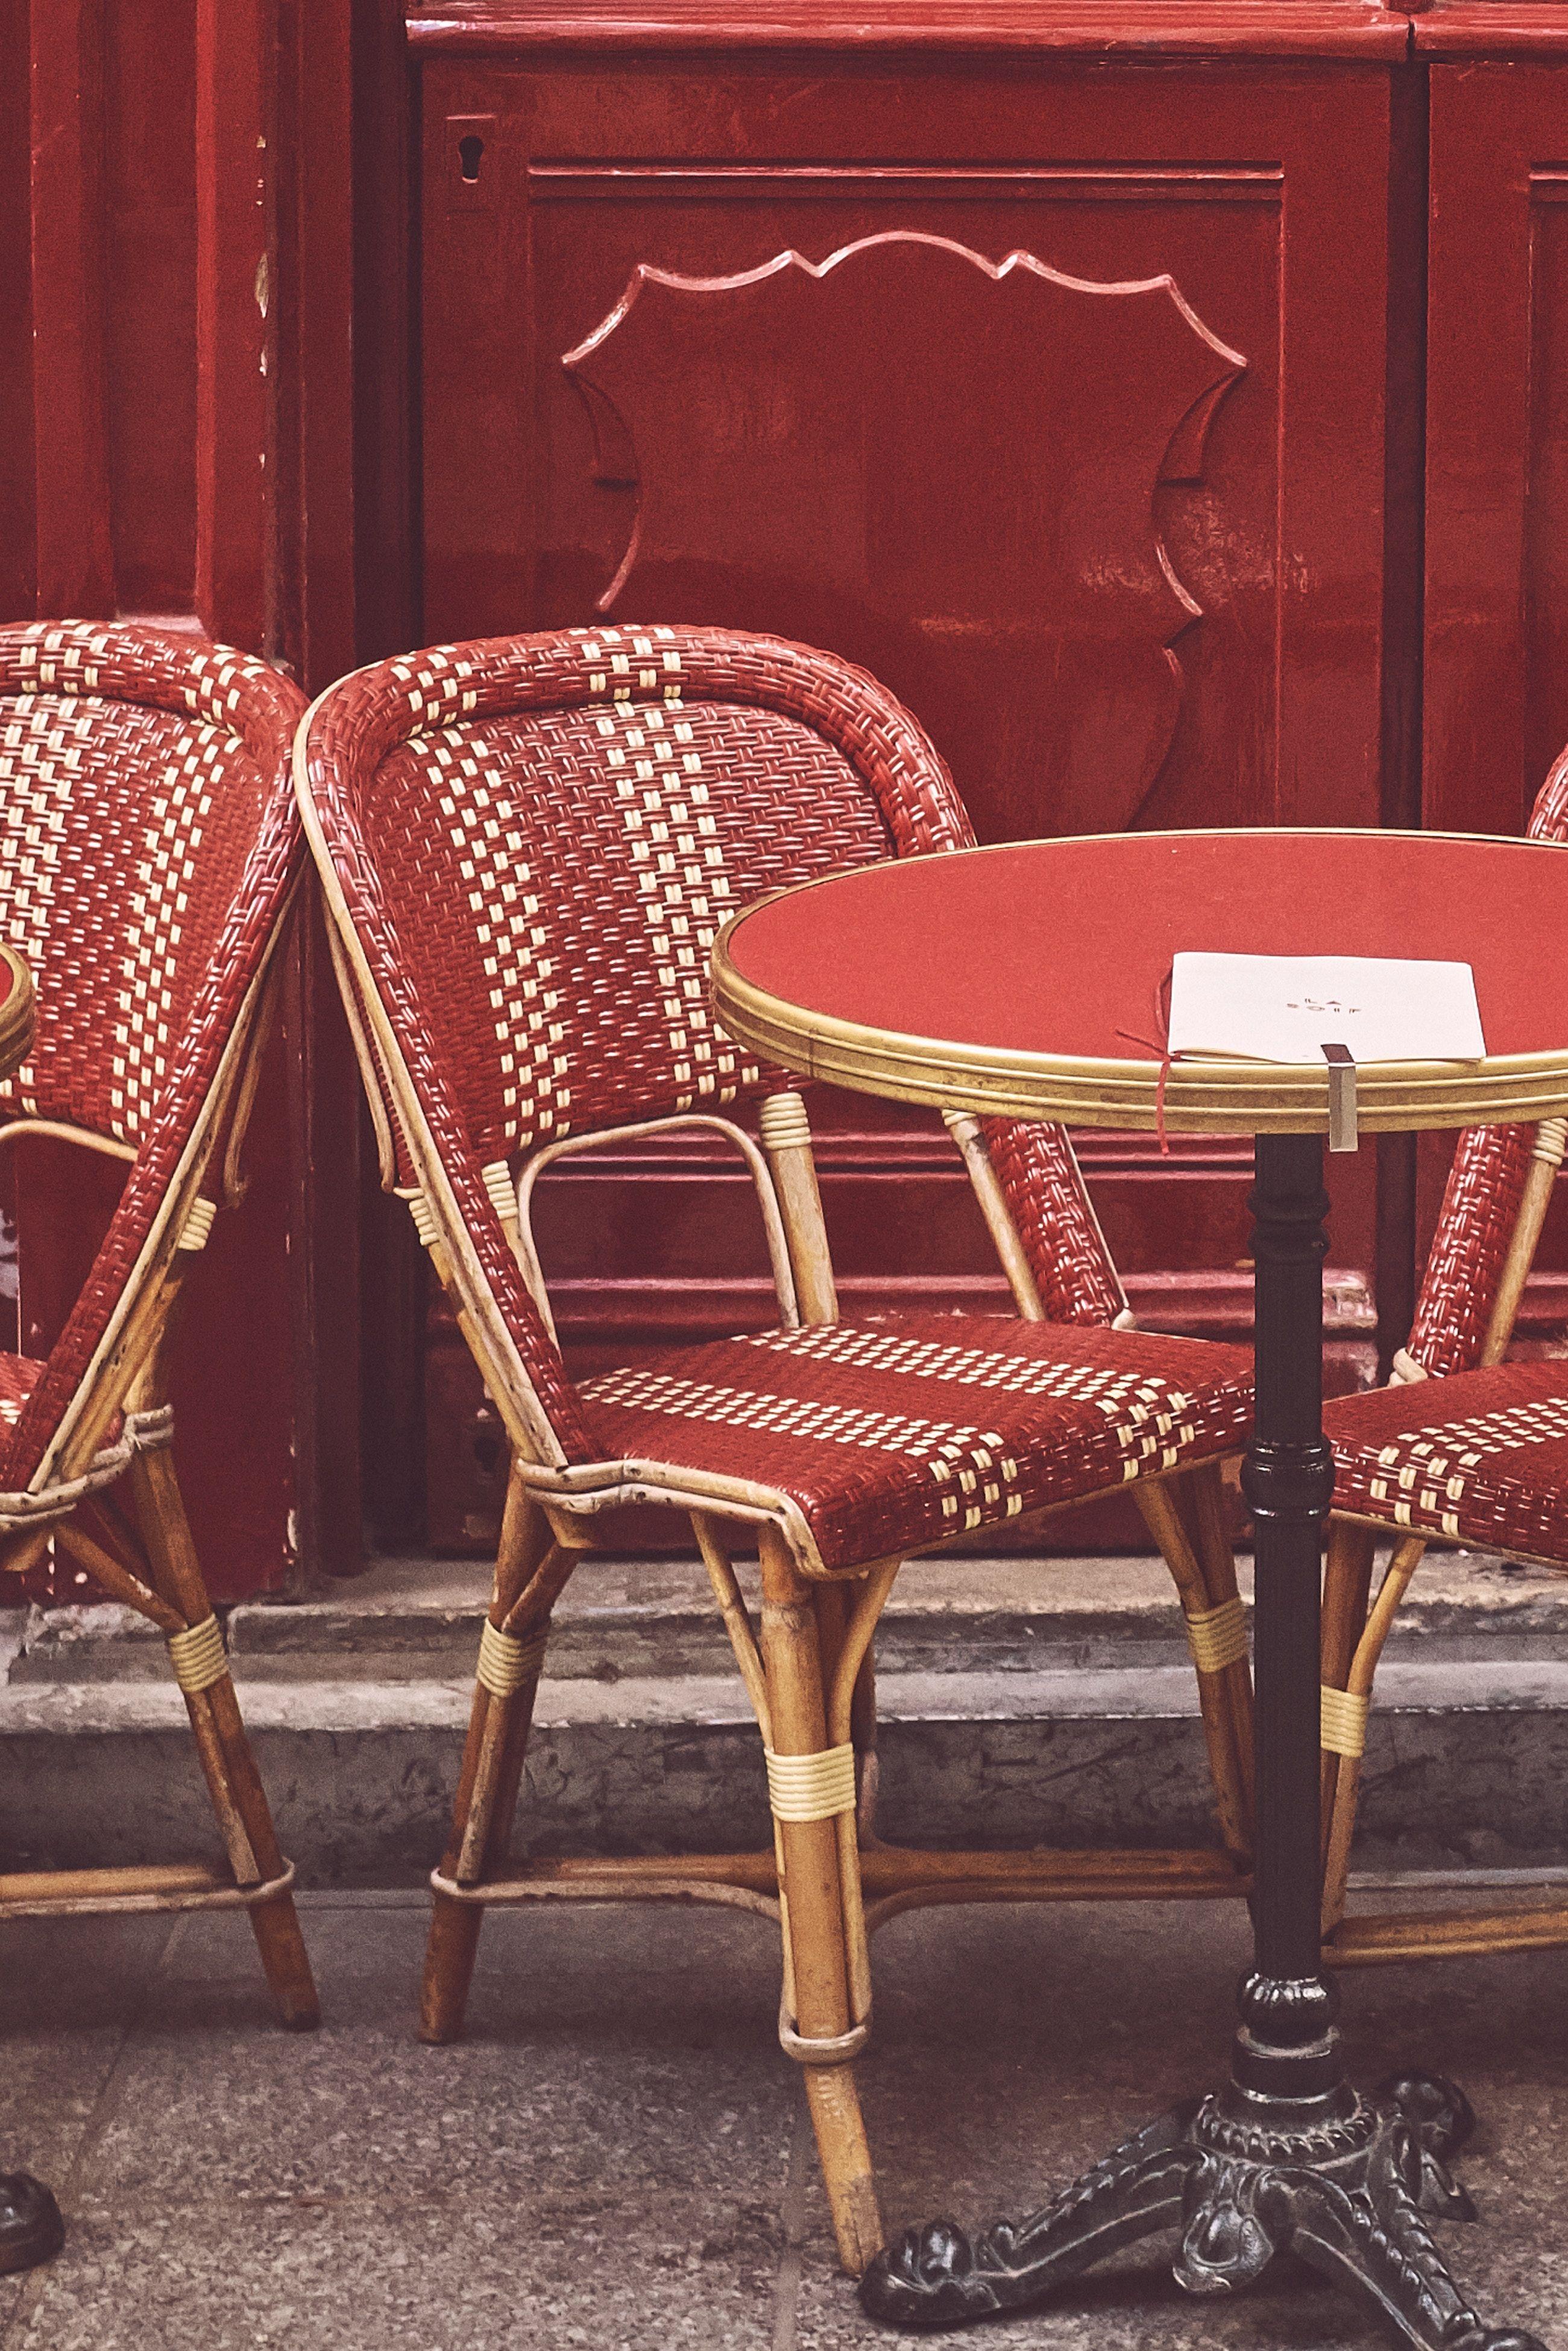 Sono stata a Parigi in un bar à chignon, il cafè che realizza gli chignon più belli del mondo